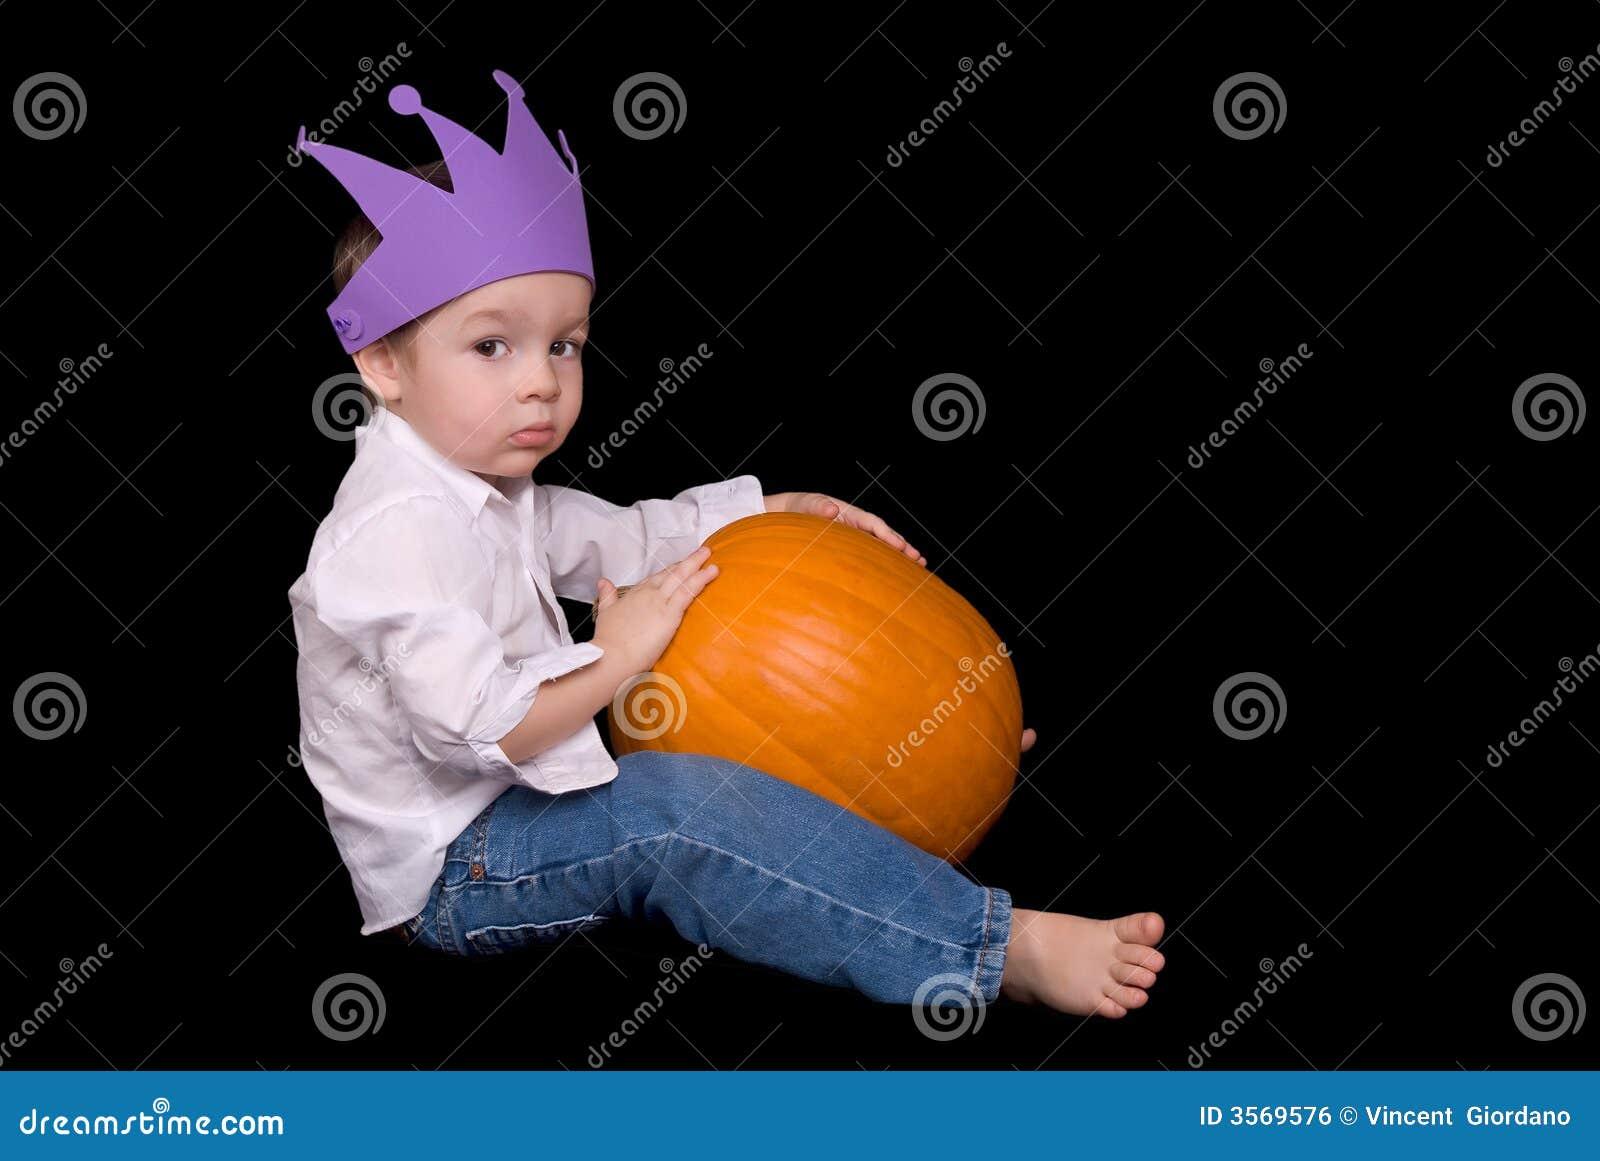 Giovane ragazzo con una zucca